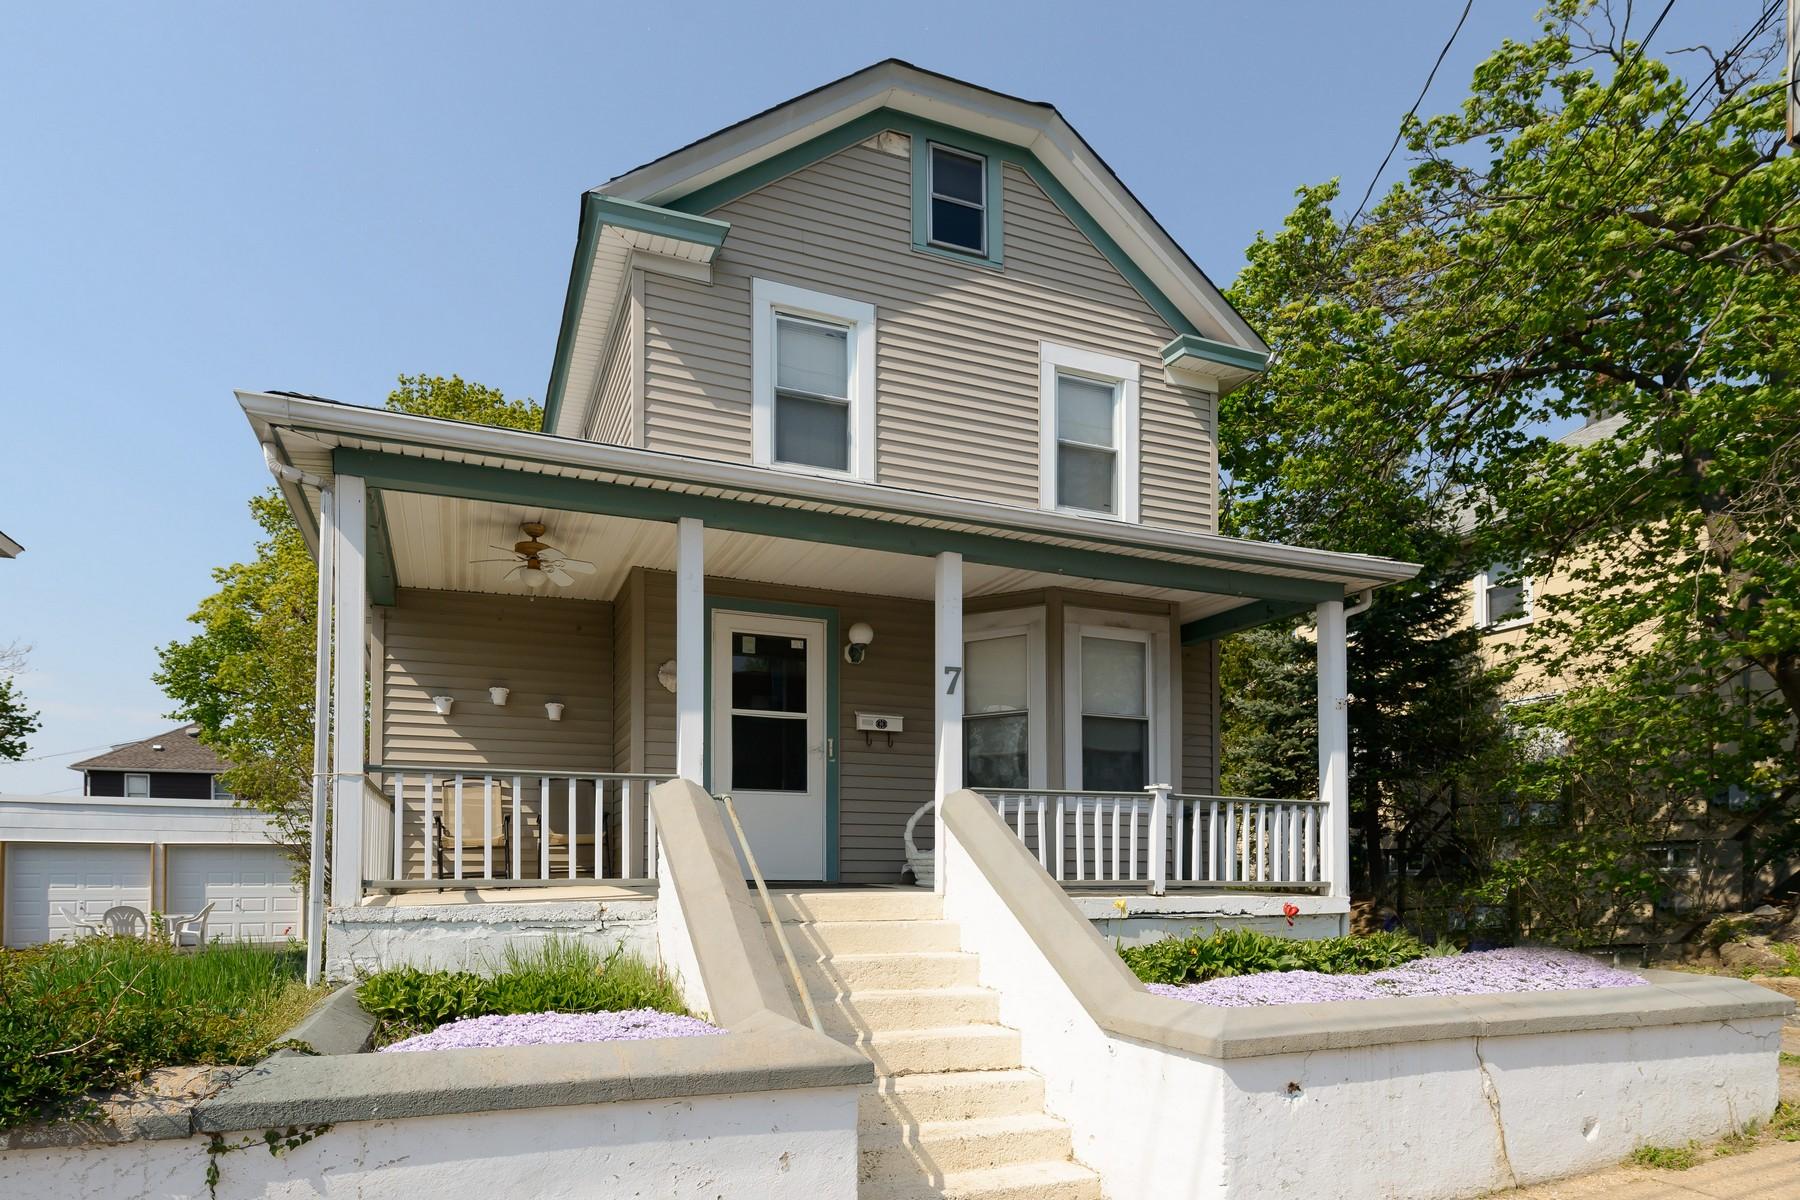 Apartamentos multi-familiares para Venda às Colonial 7 Third St Glen Cove, Nova York 11542 Estados Unidos